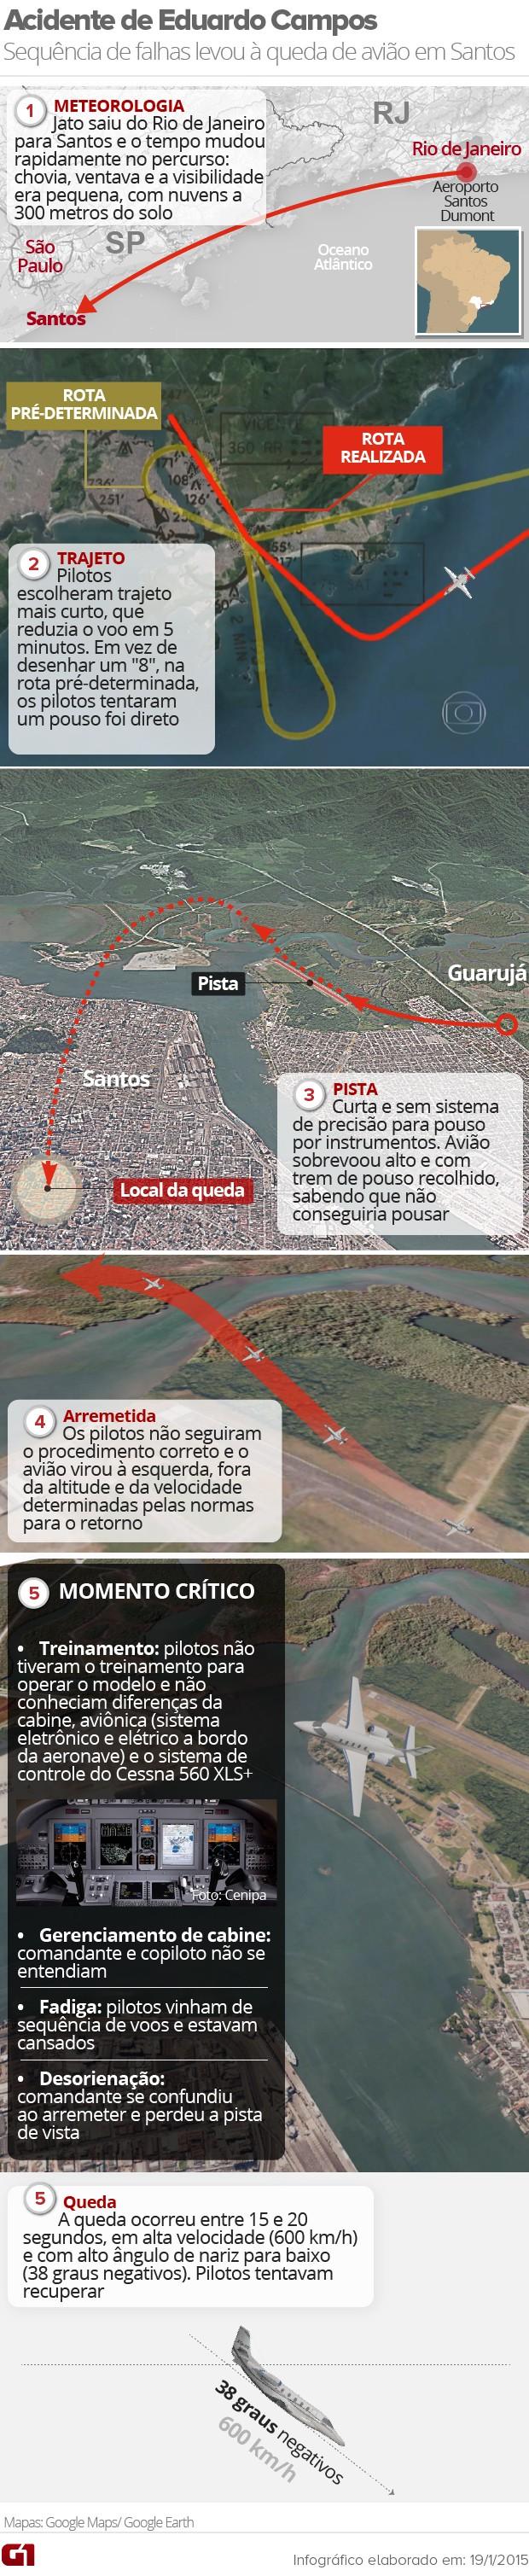 Infográfico acidente Eduardo Campos (Foto: Editoria de Arte/G1)